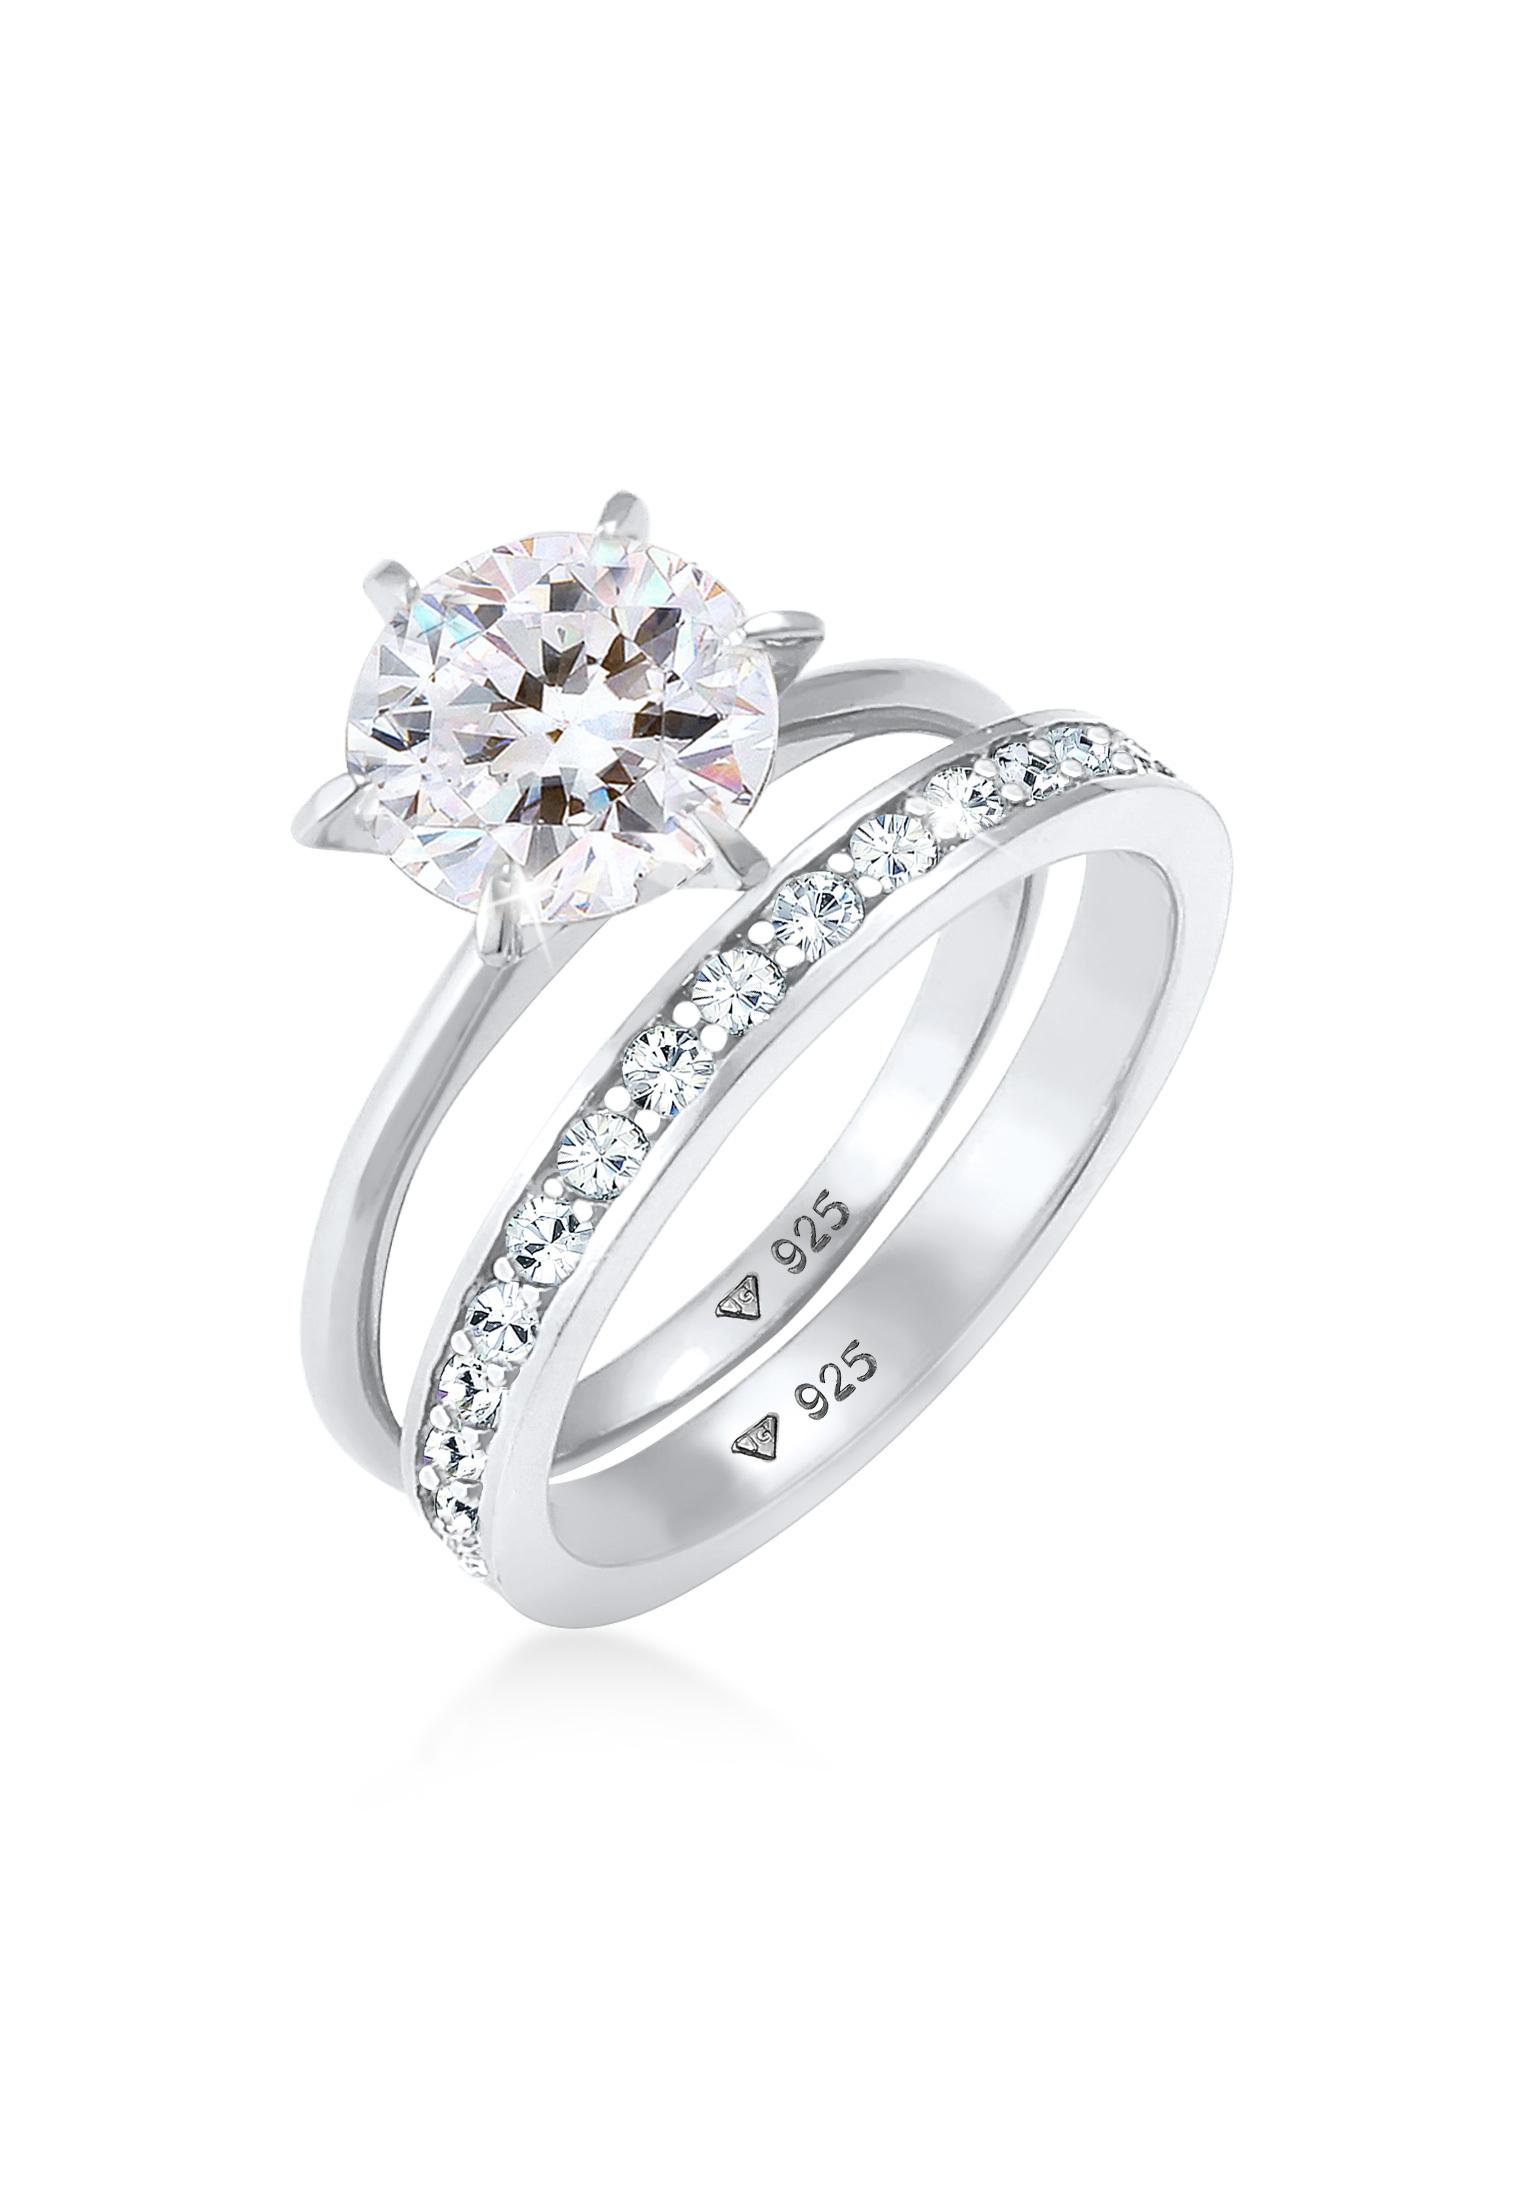 Ringset | Kristall ( Weiß ) | 925er Sterling Silber